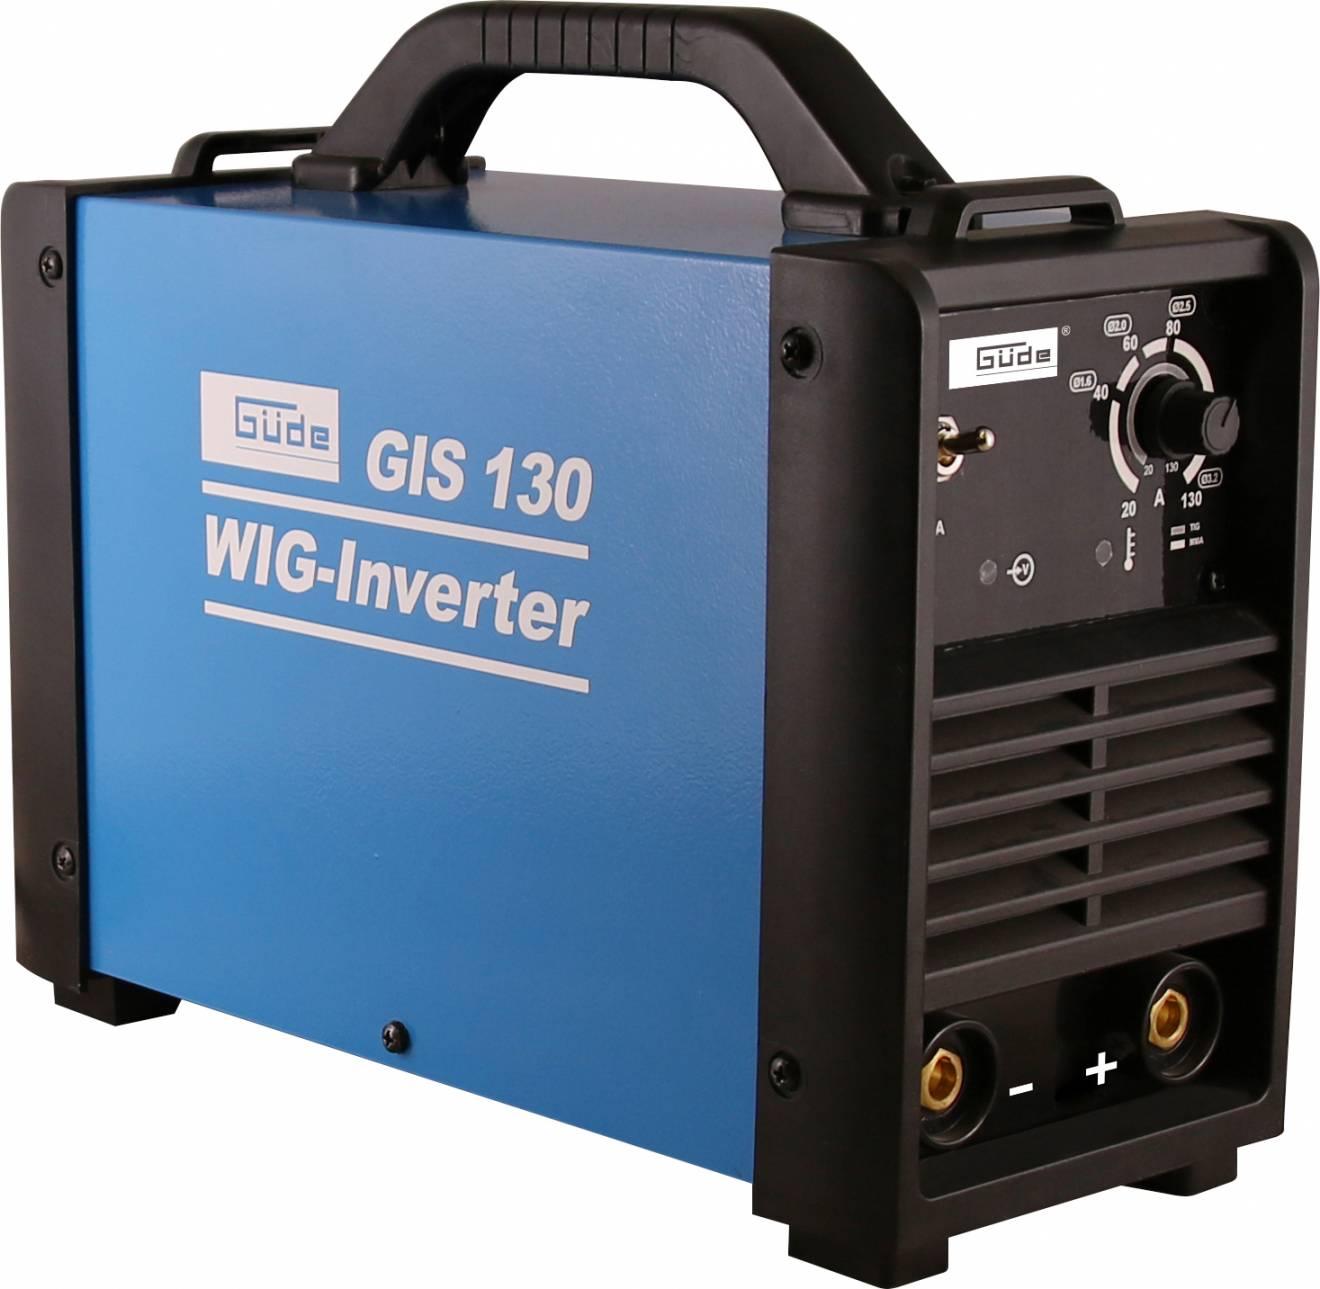 Invertor GIS 130 TIG / WIG 20058 GÜDE